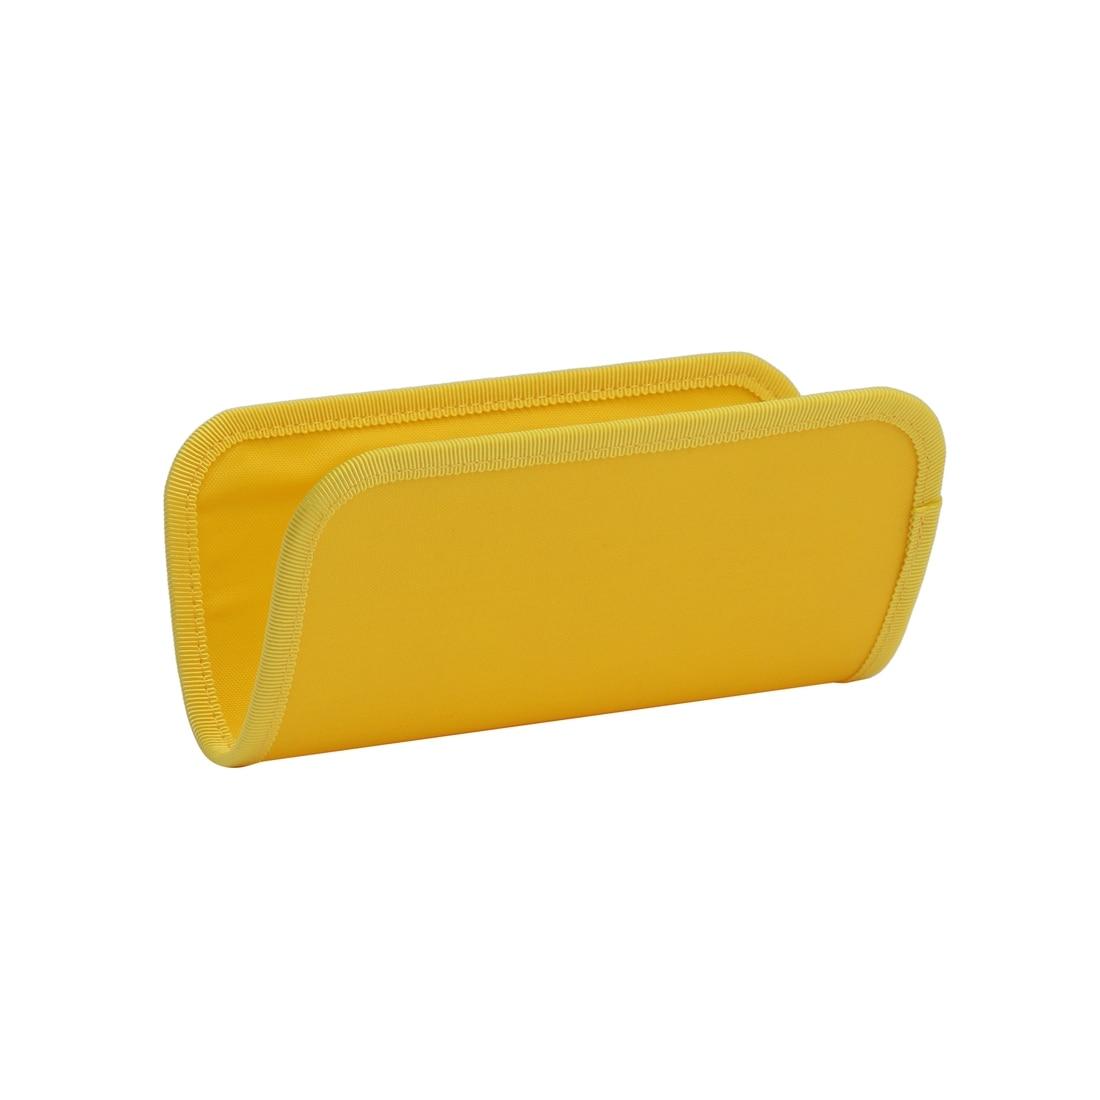 ジューシーマーケット ポーチ L/JUM-173016